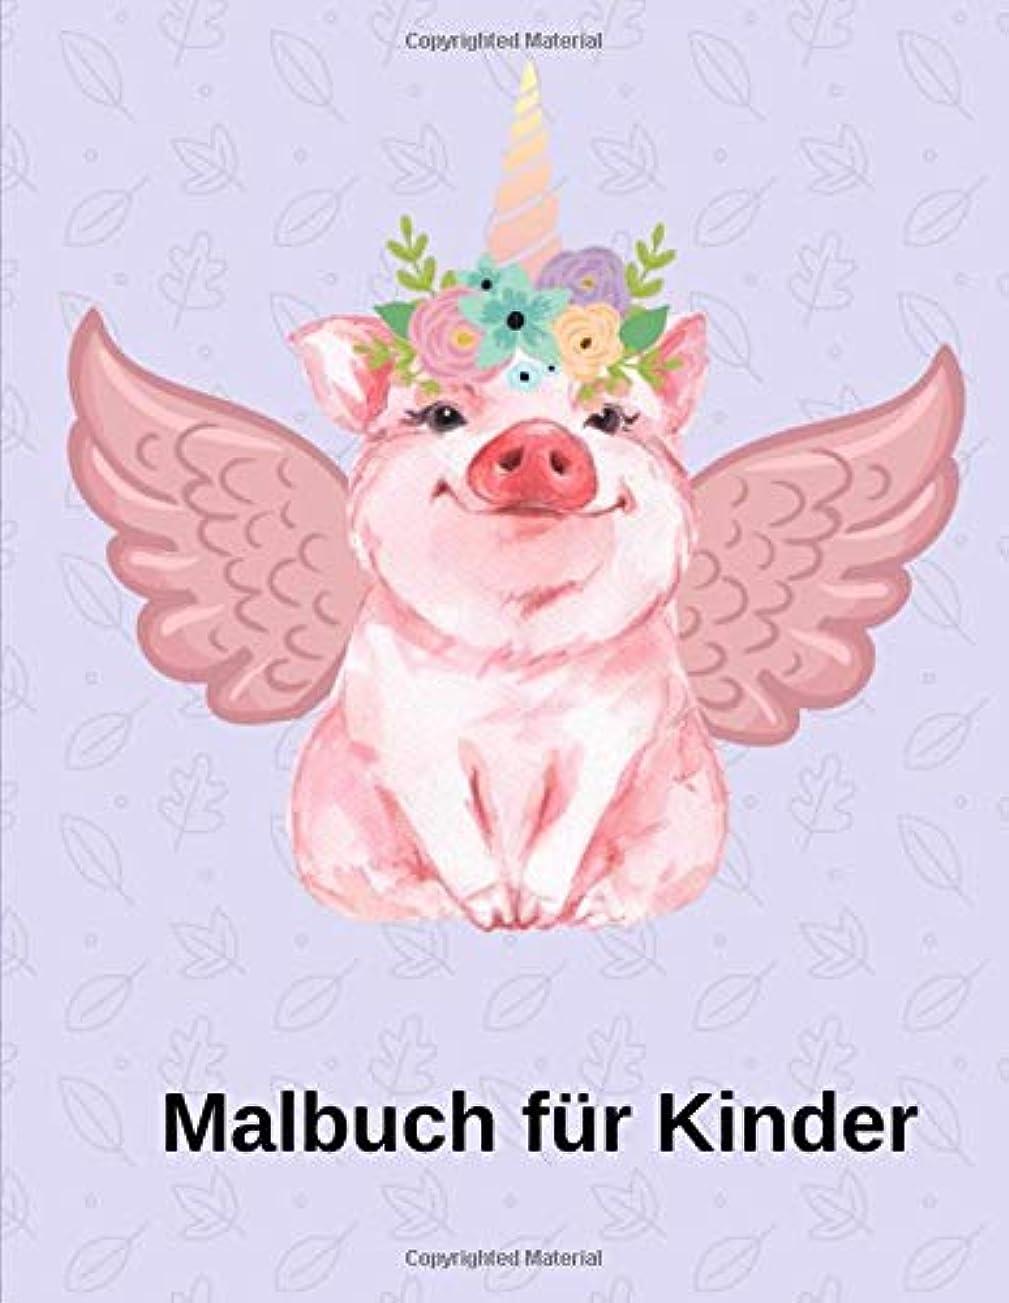 ペイント必需品悪いMalbuch fuer Kinder: Lustiges Einhorn Schweinchen mit Engelsfluegel A4 Malbuch fuer Kinder: 148 leere blanko Seiten zum Zeichnen, Skizzieren und Malen.